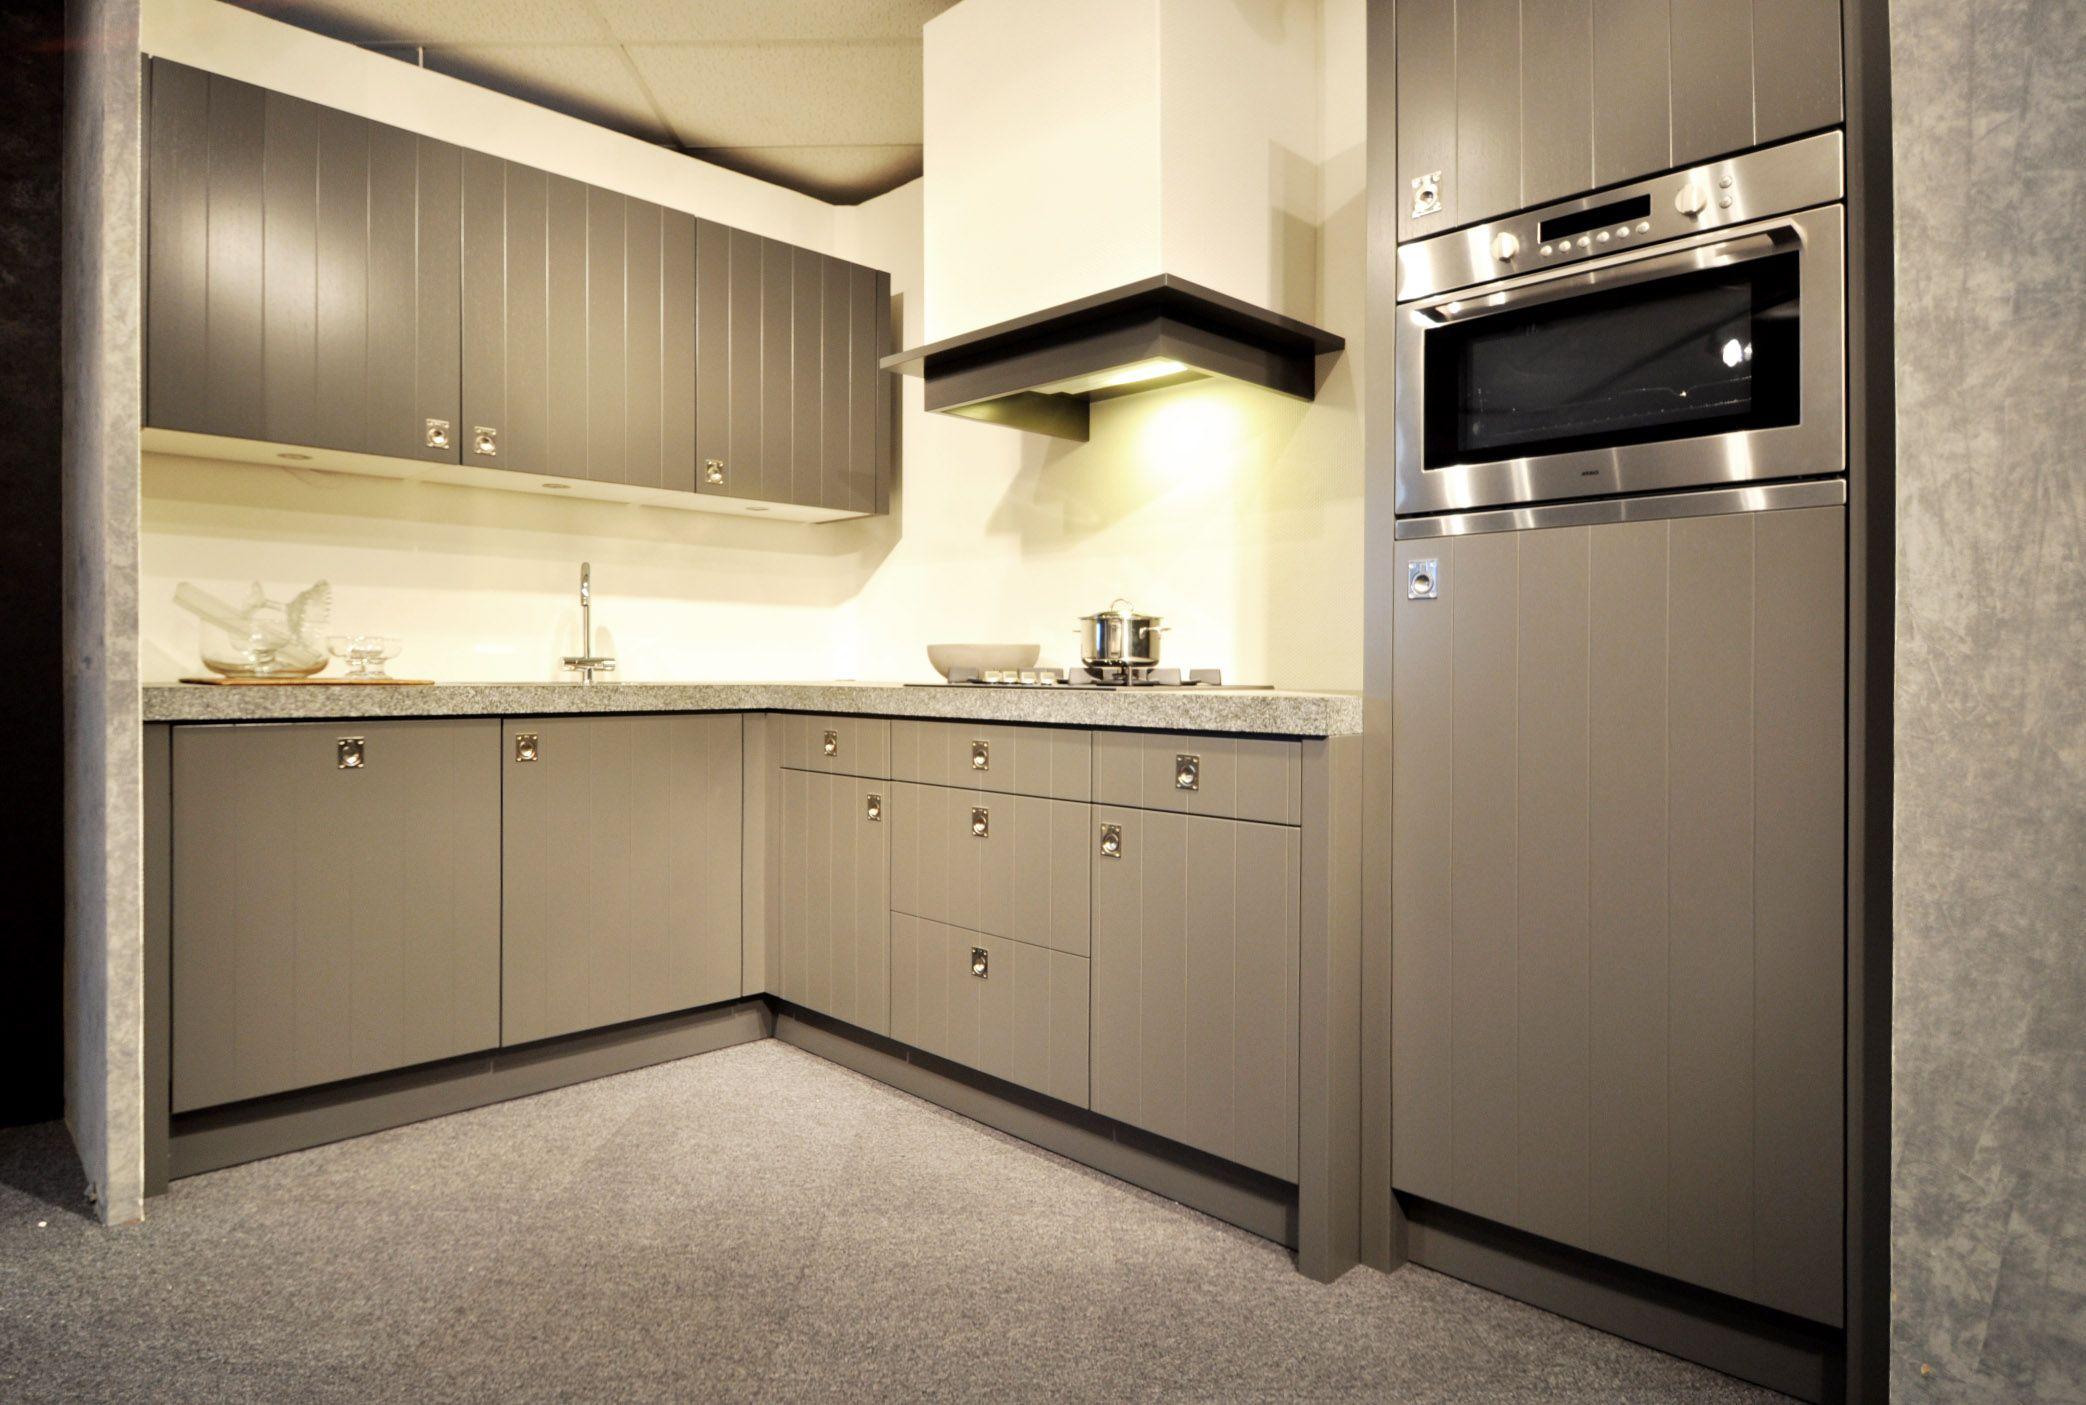 Landelijk Hoek Keuken : Keukens.nl2 keller hoekkeuken landelijk cornwal grijs [48897]